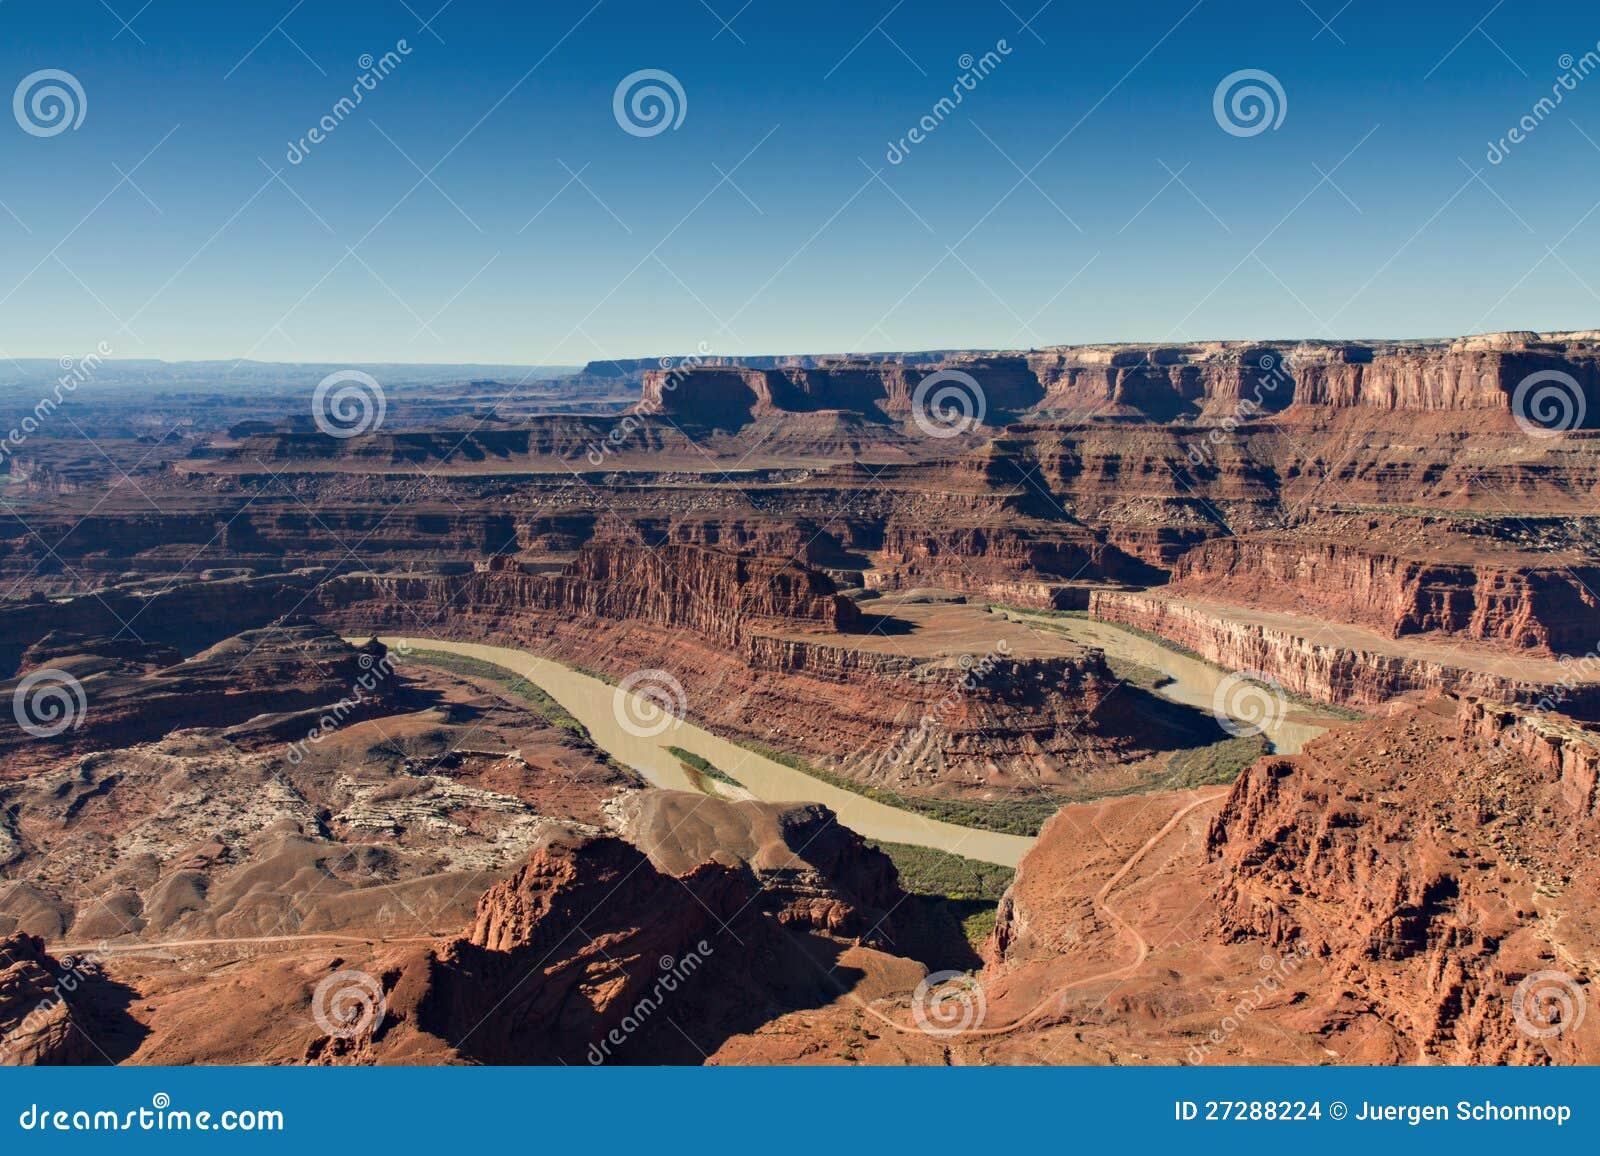 Panorama av hästskoböjningen